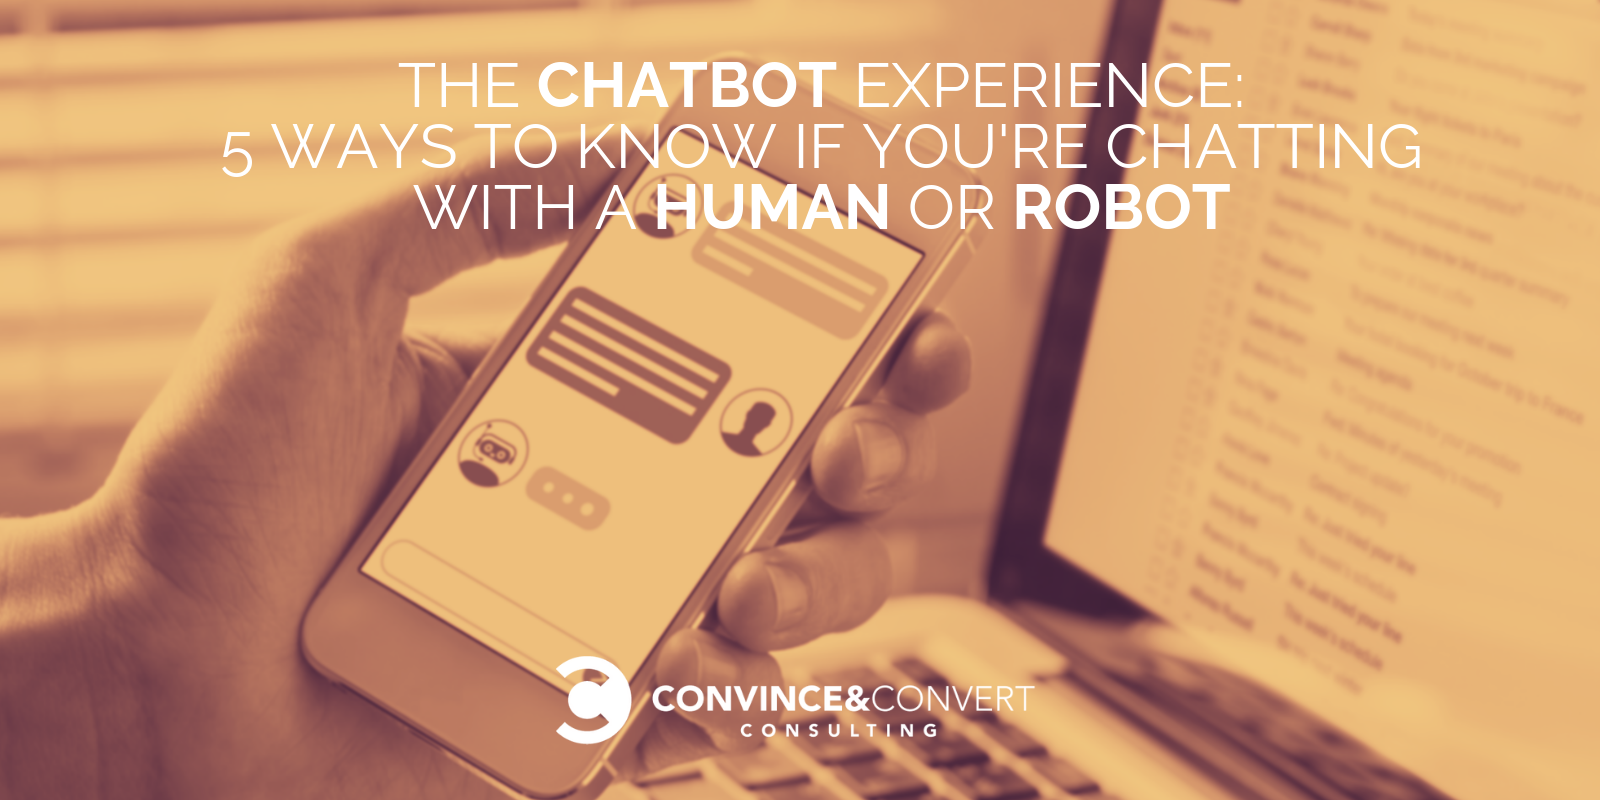 chatbot umano o robot